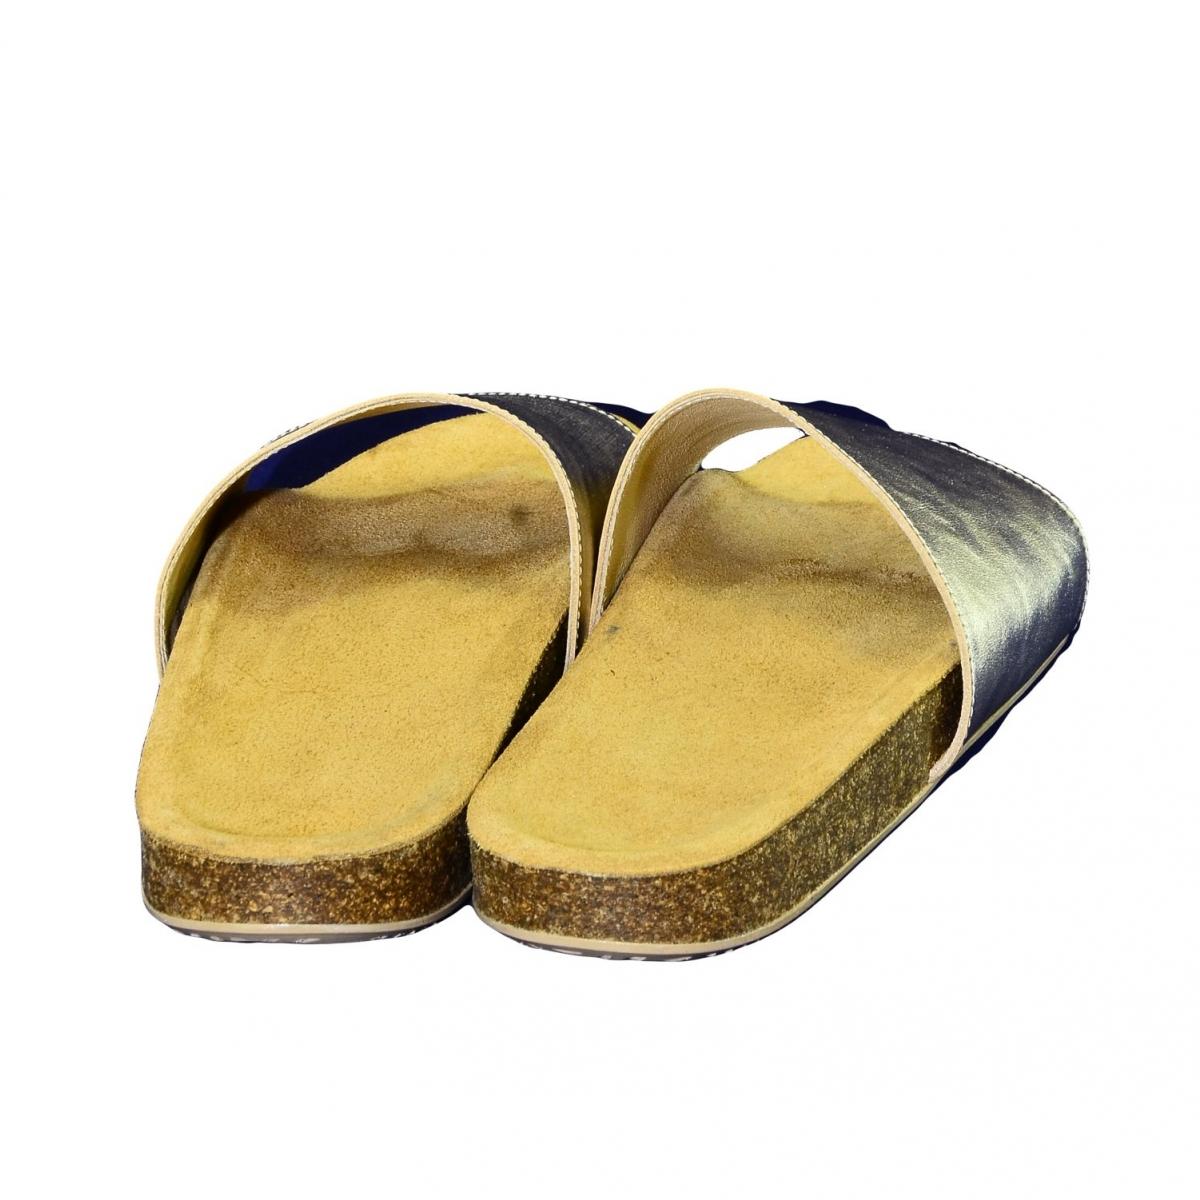 d5ec8c0dde6b4 Dámske zlaté kožené šľapky ALBINIA - 4